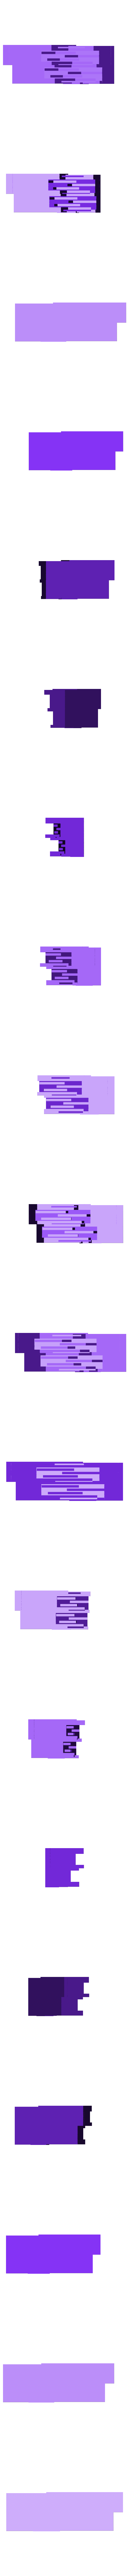 SD_Mountain_embiggened.stl Télécharger fichier STL gratuit Une montagne de cartes SD embiguées • Modèle pour impression 3D, CartesianCreationsAU